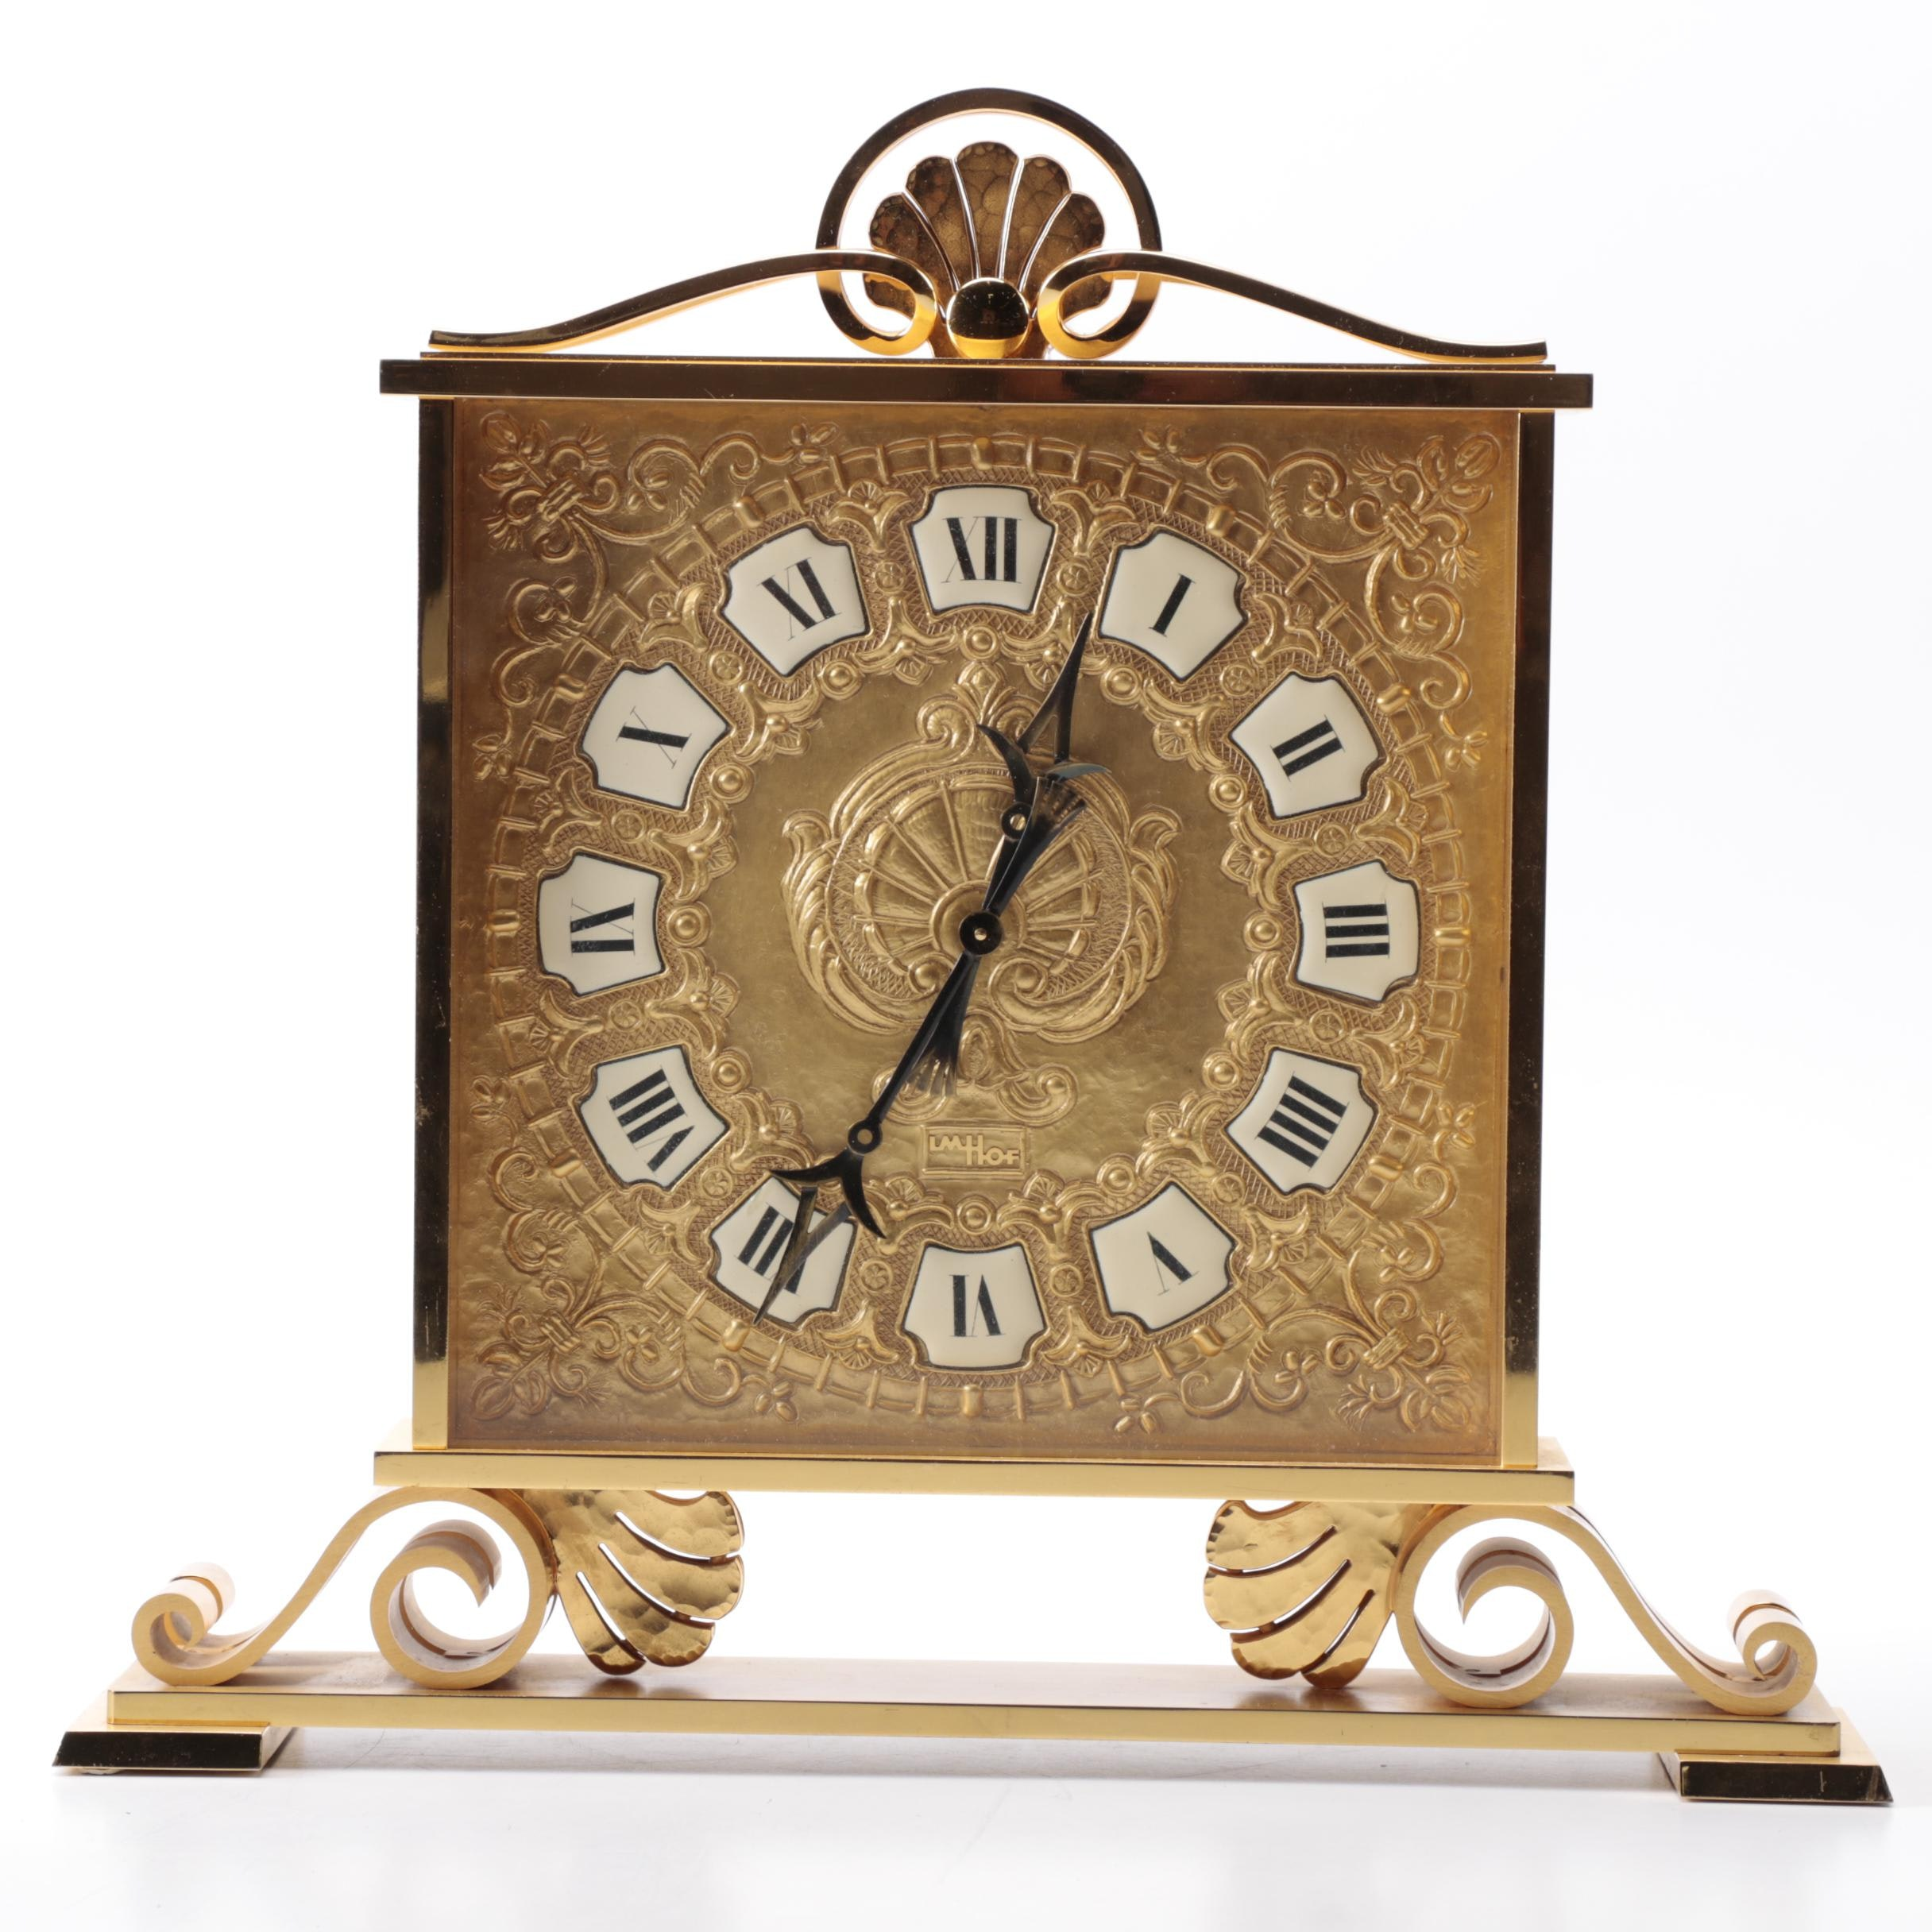 LM Hof Mantel Clock